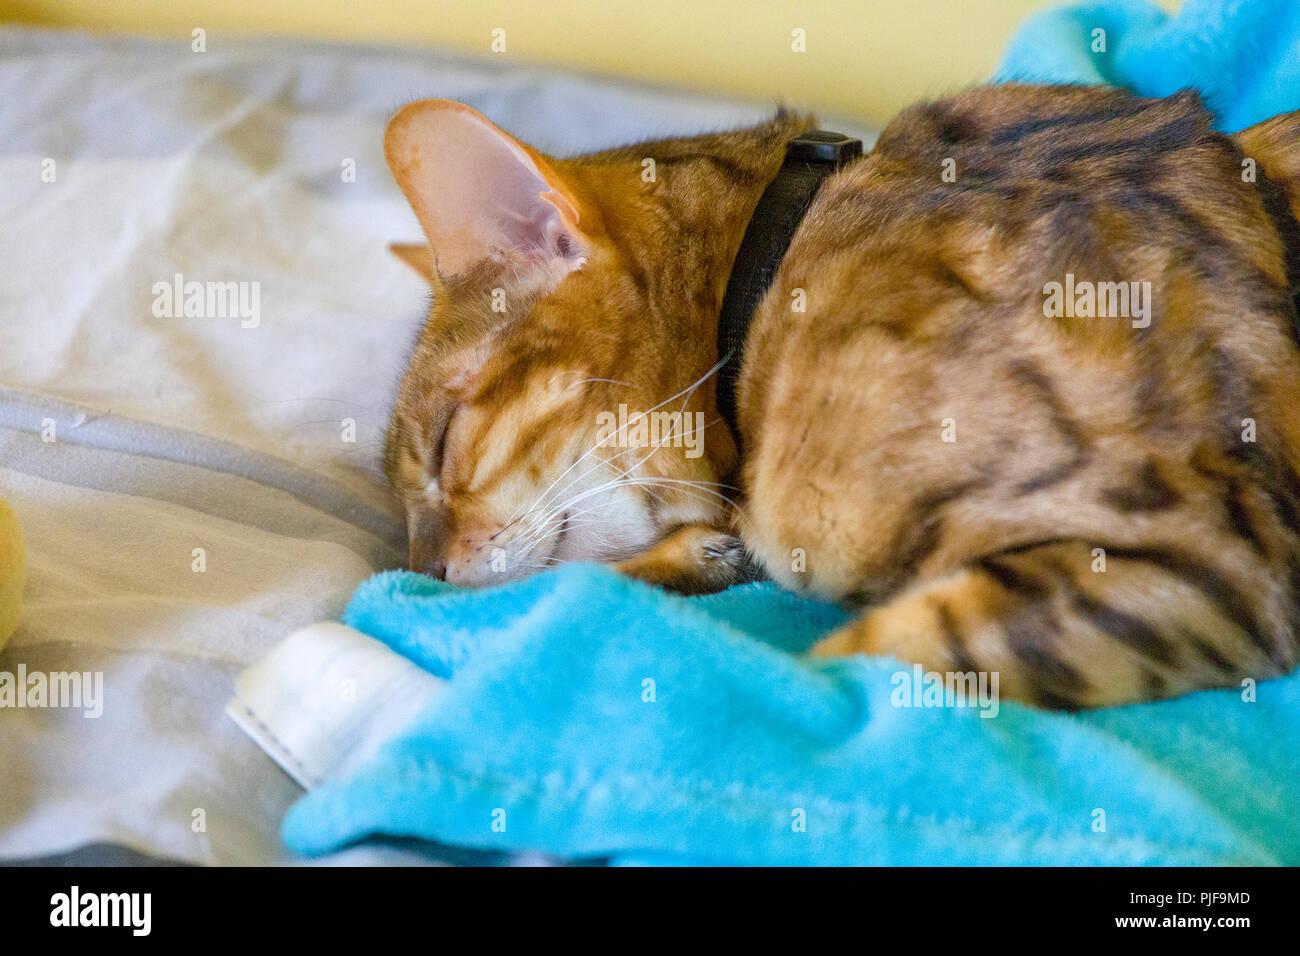 Vista ravvicinata della femmina adulta Gatto bengala dormire tranquillamente sul letto Immagini Stock